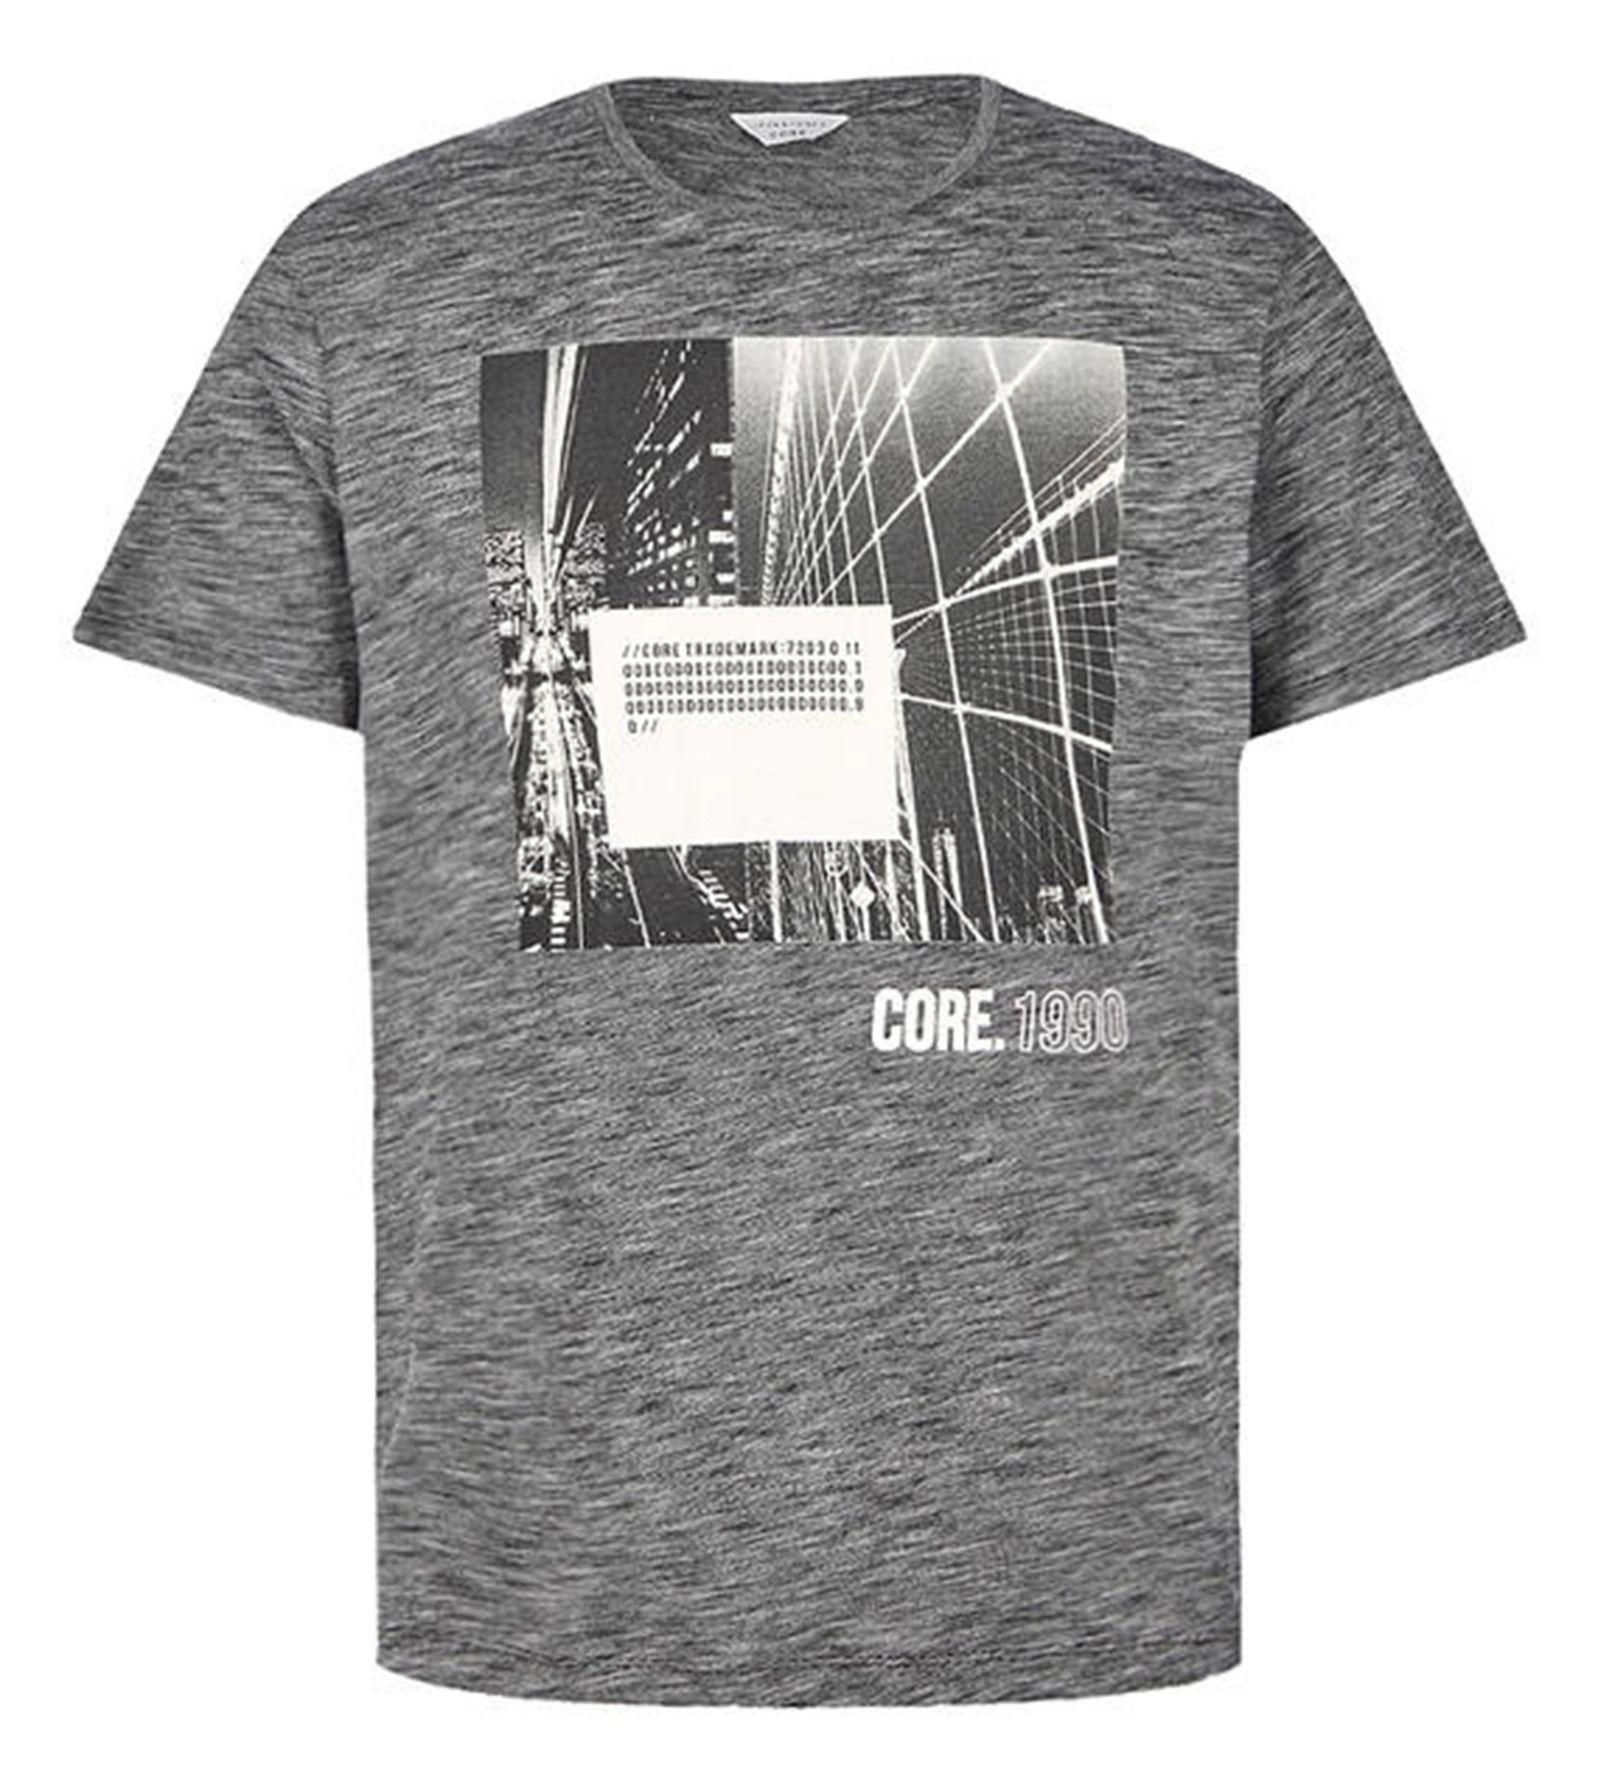 تی شرت یقه گرد مردانه - جک اند جونز - مشکي - 1